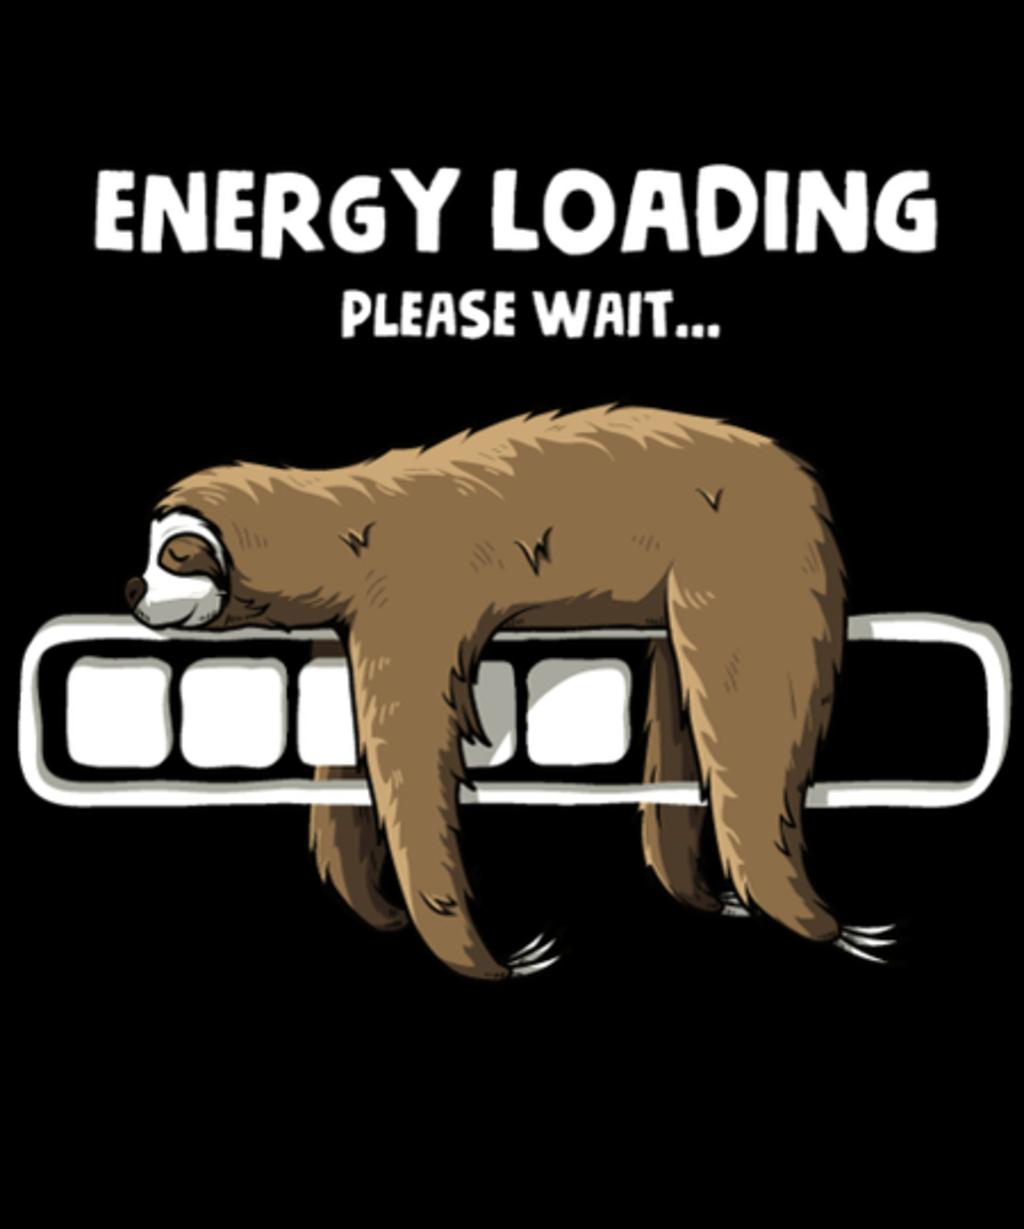 Qwertee: Energy loading